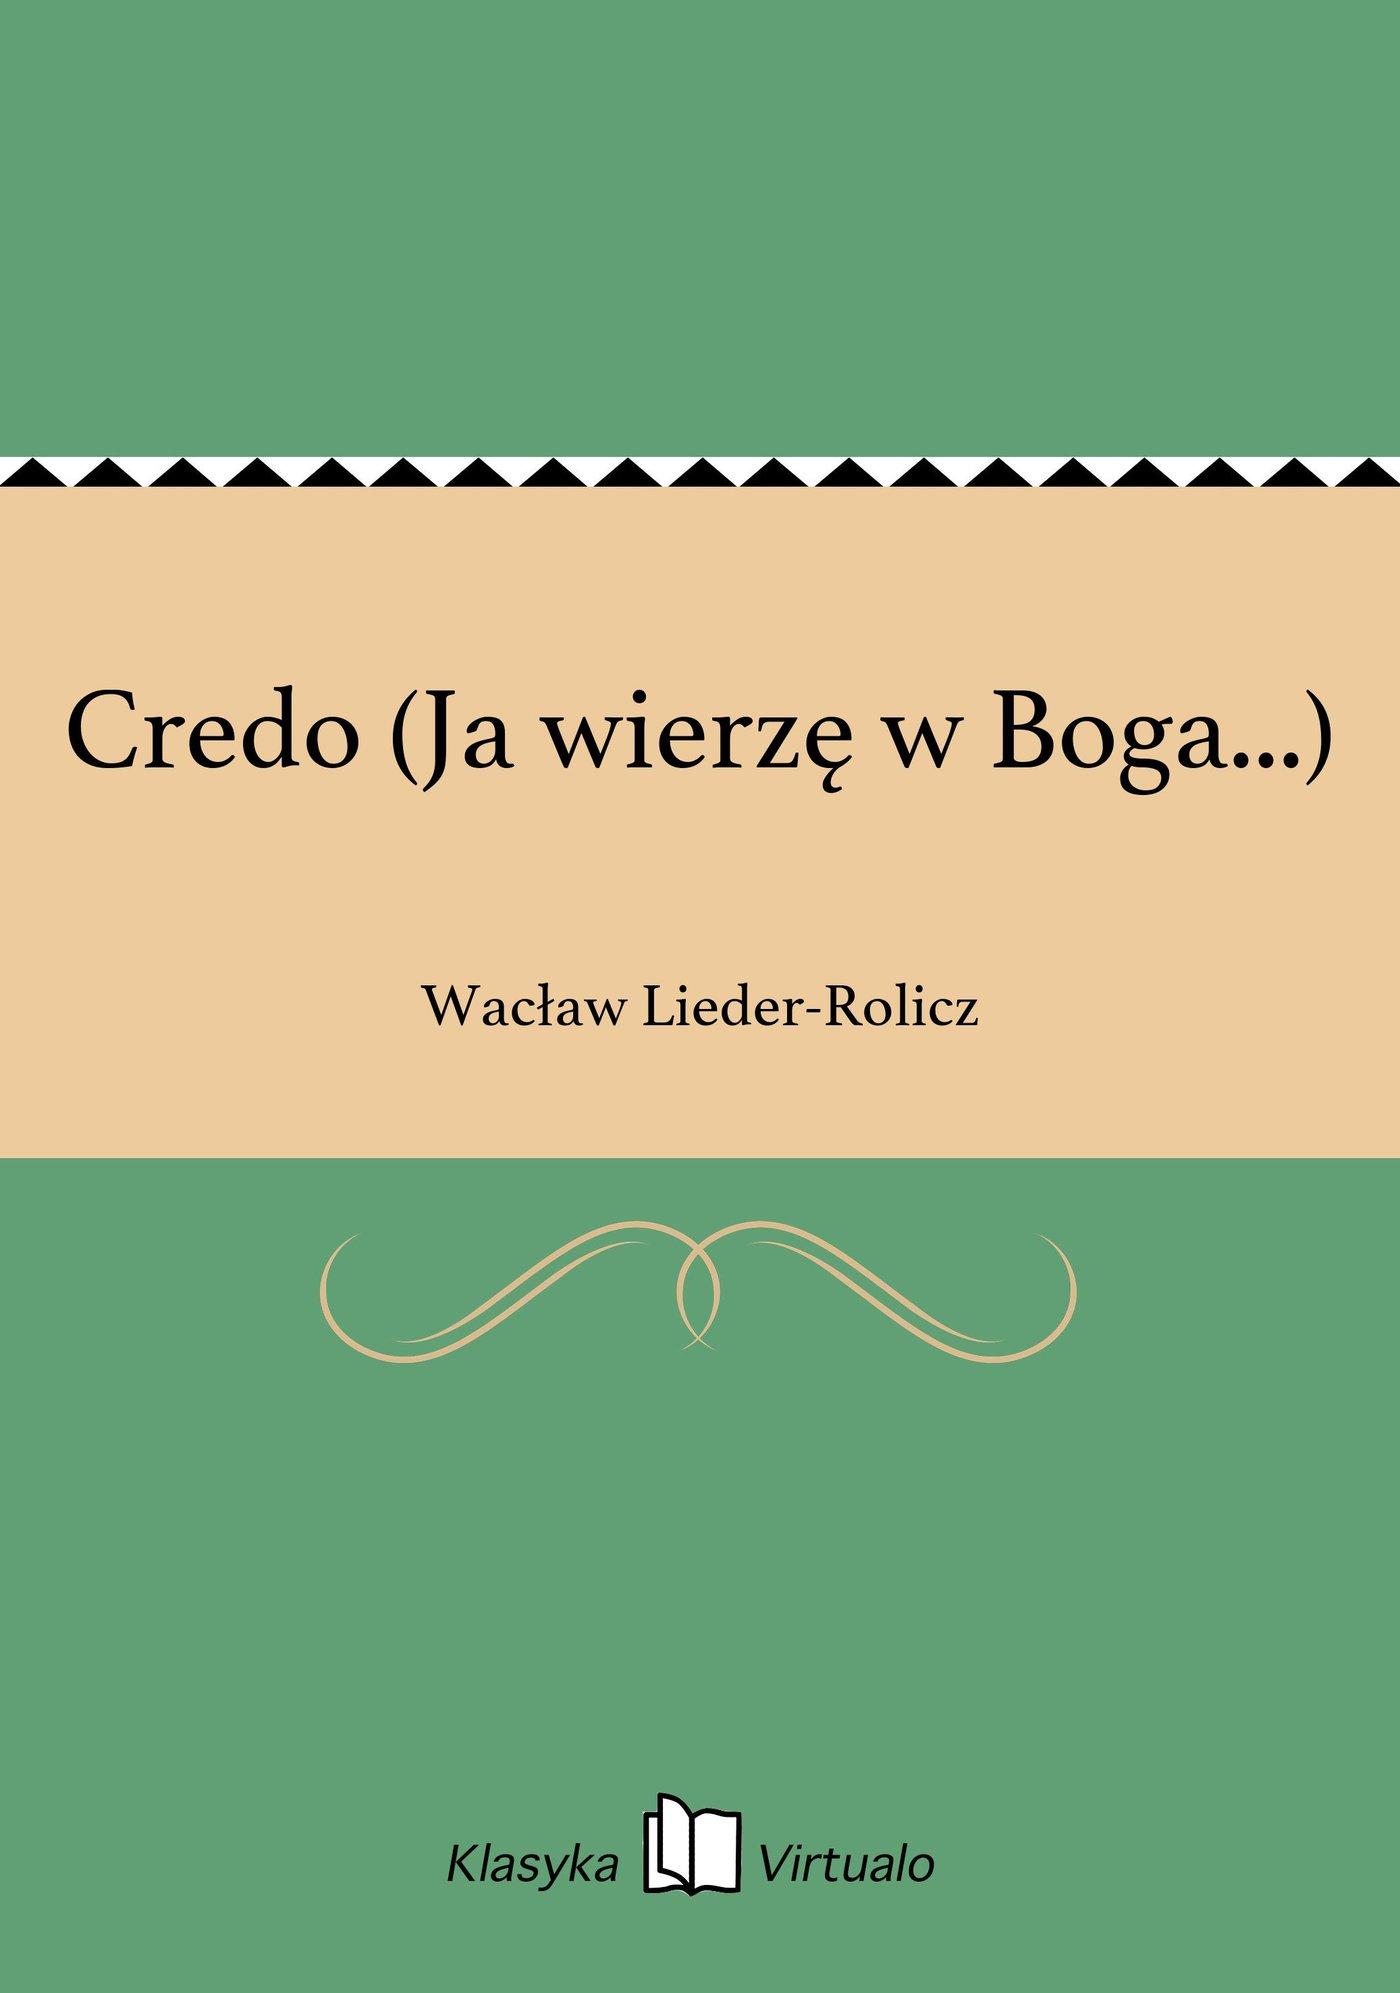 Credo (Ja wierzę w Boga...) - Ebook (Książka na Kindle) do pobrania w formacie MOBI